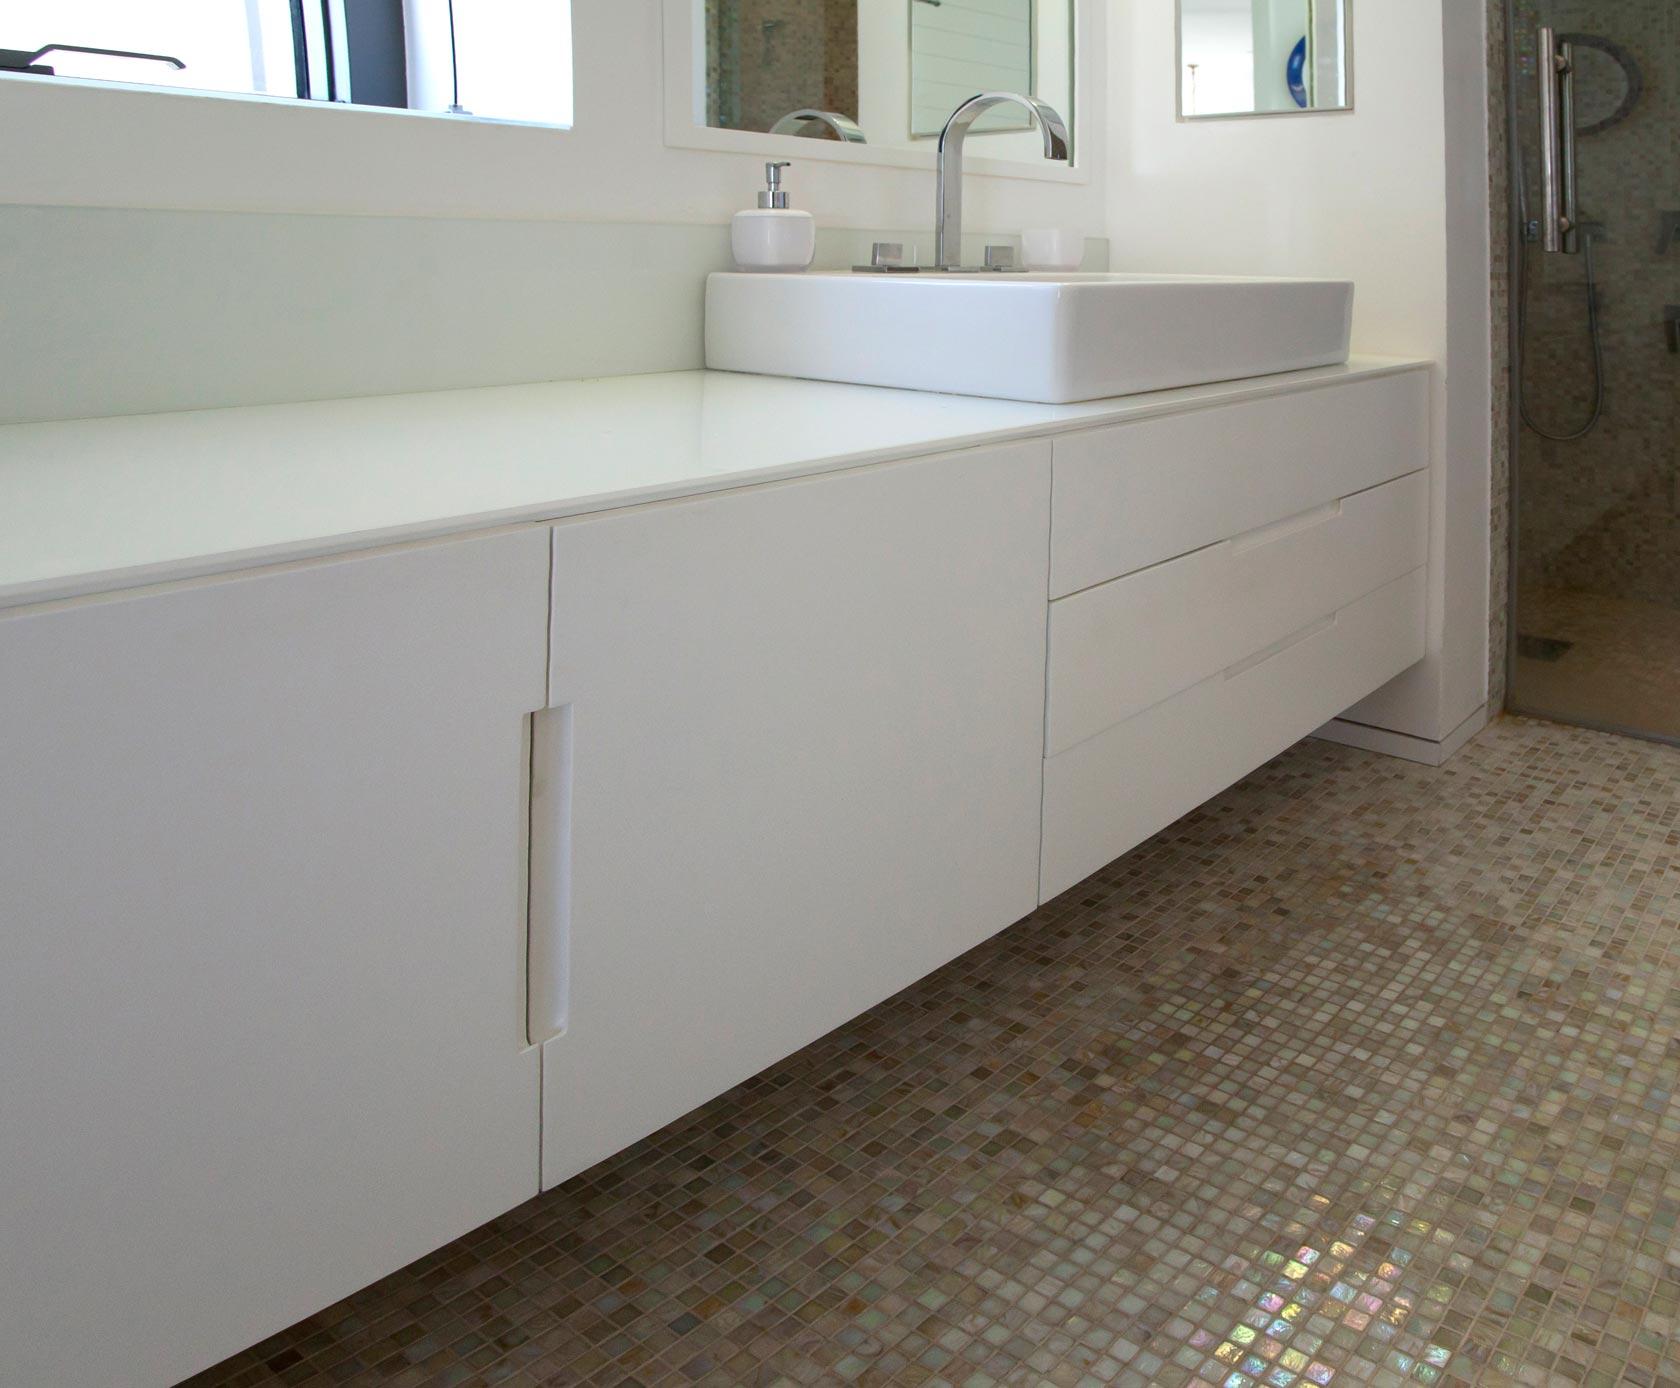 ארון כיור אמבטיה צבע אפוקסי ידית אינטגרלית